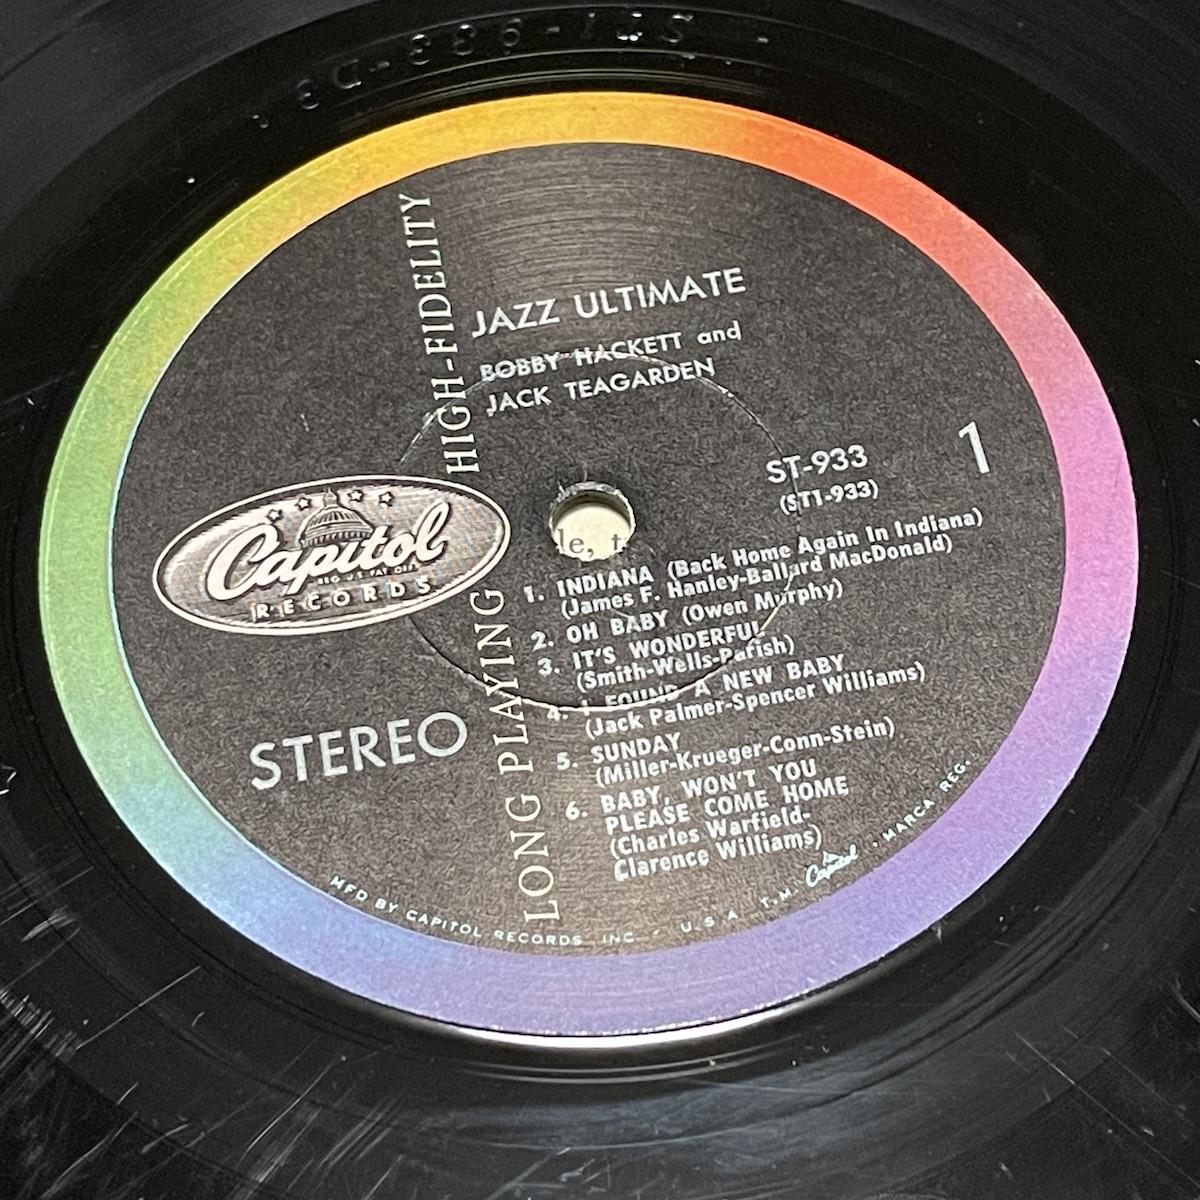 Capitol ST-993 Label A